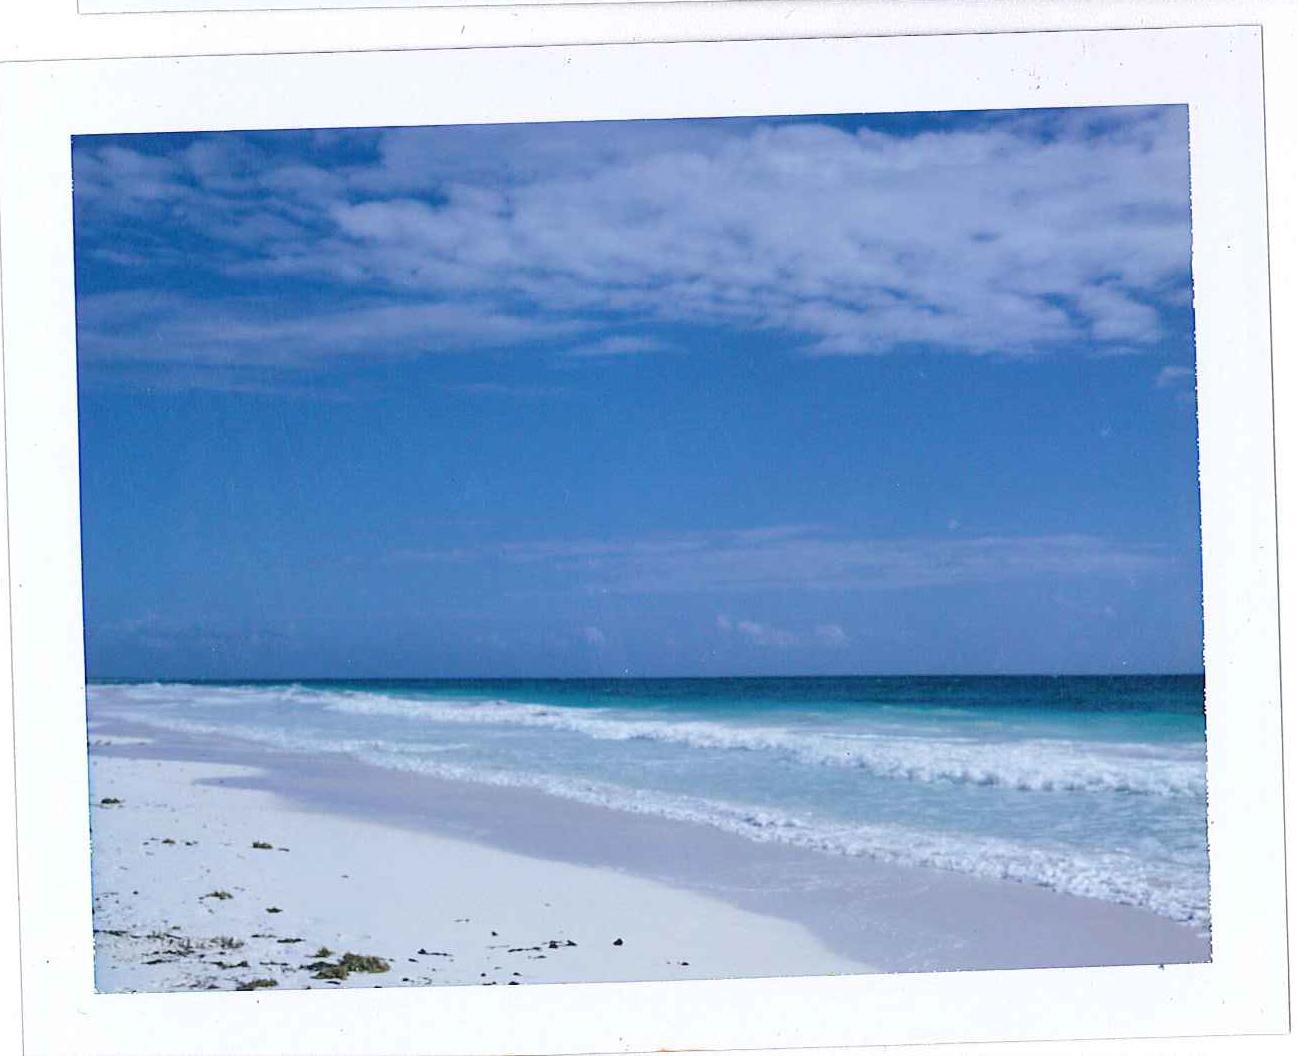 beach-pola.jpg